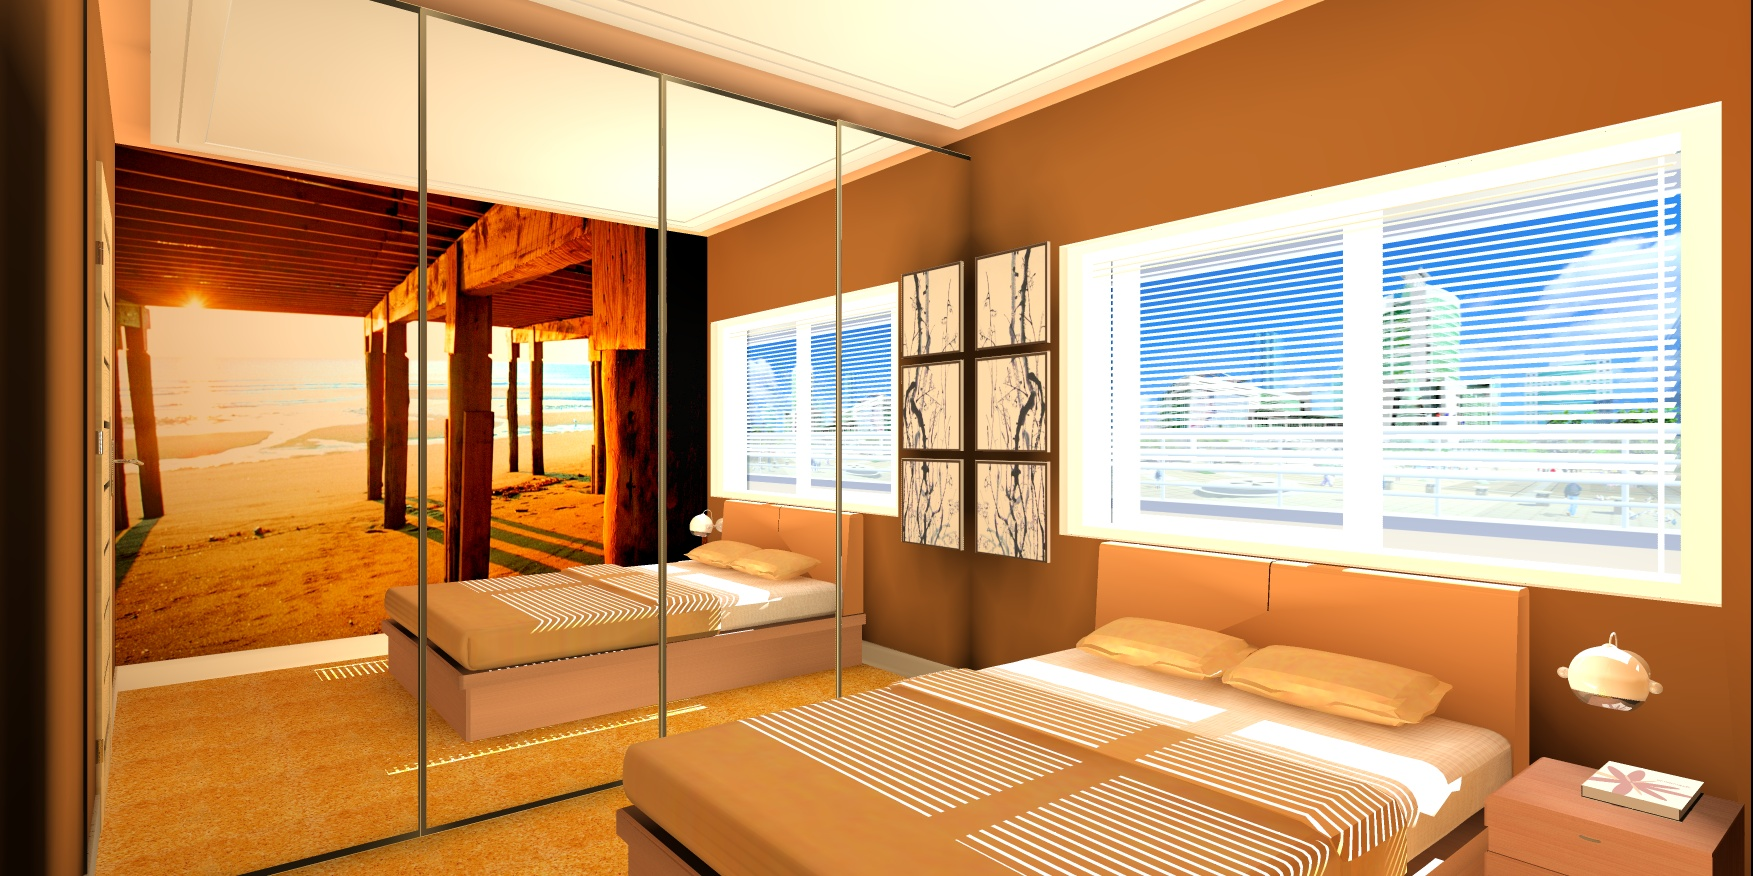 Sypialnia w małym mieszkaniu